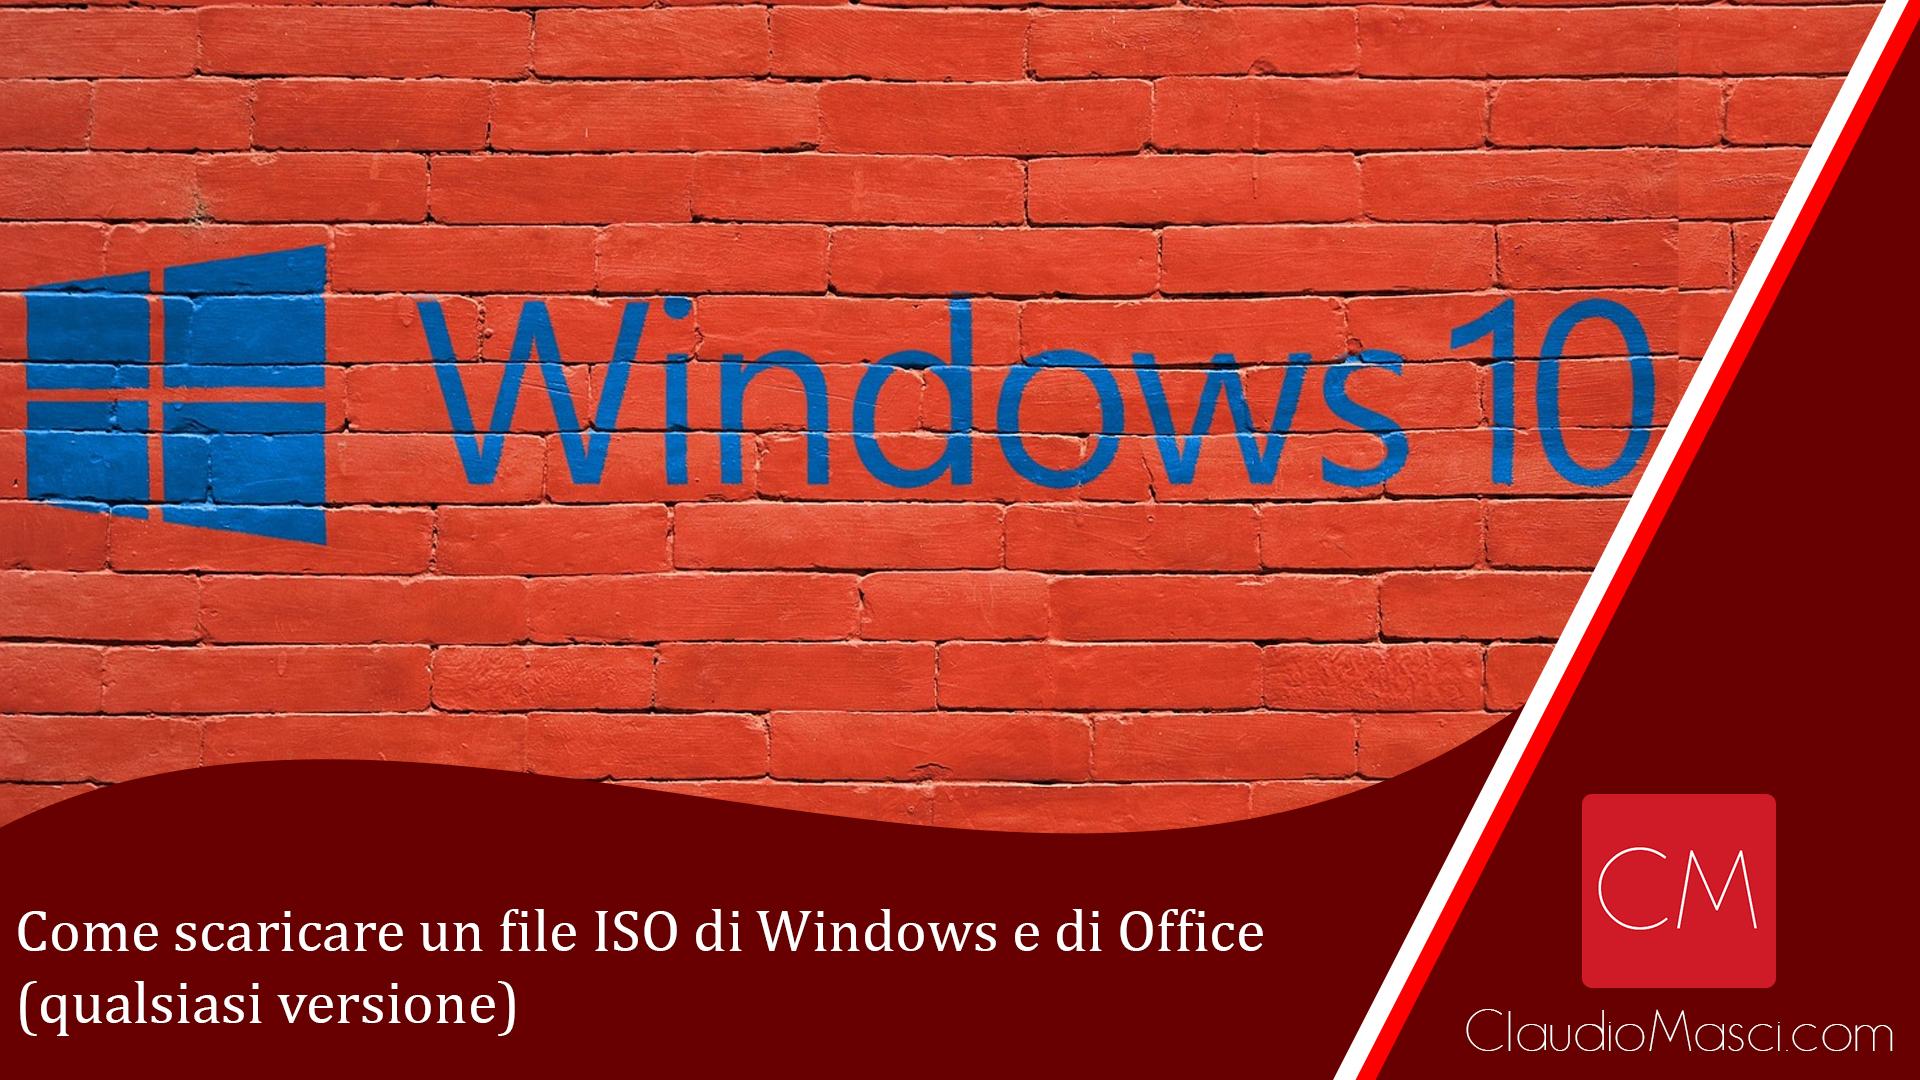 Come scaricare un file ISO di Windows e di Office (qualsiasi versione)